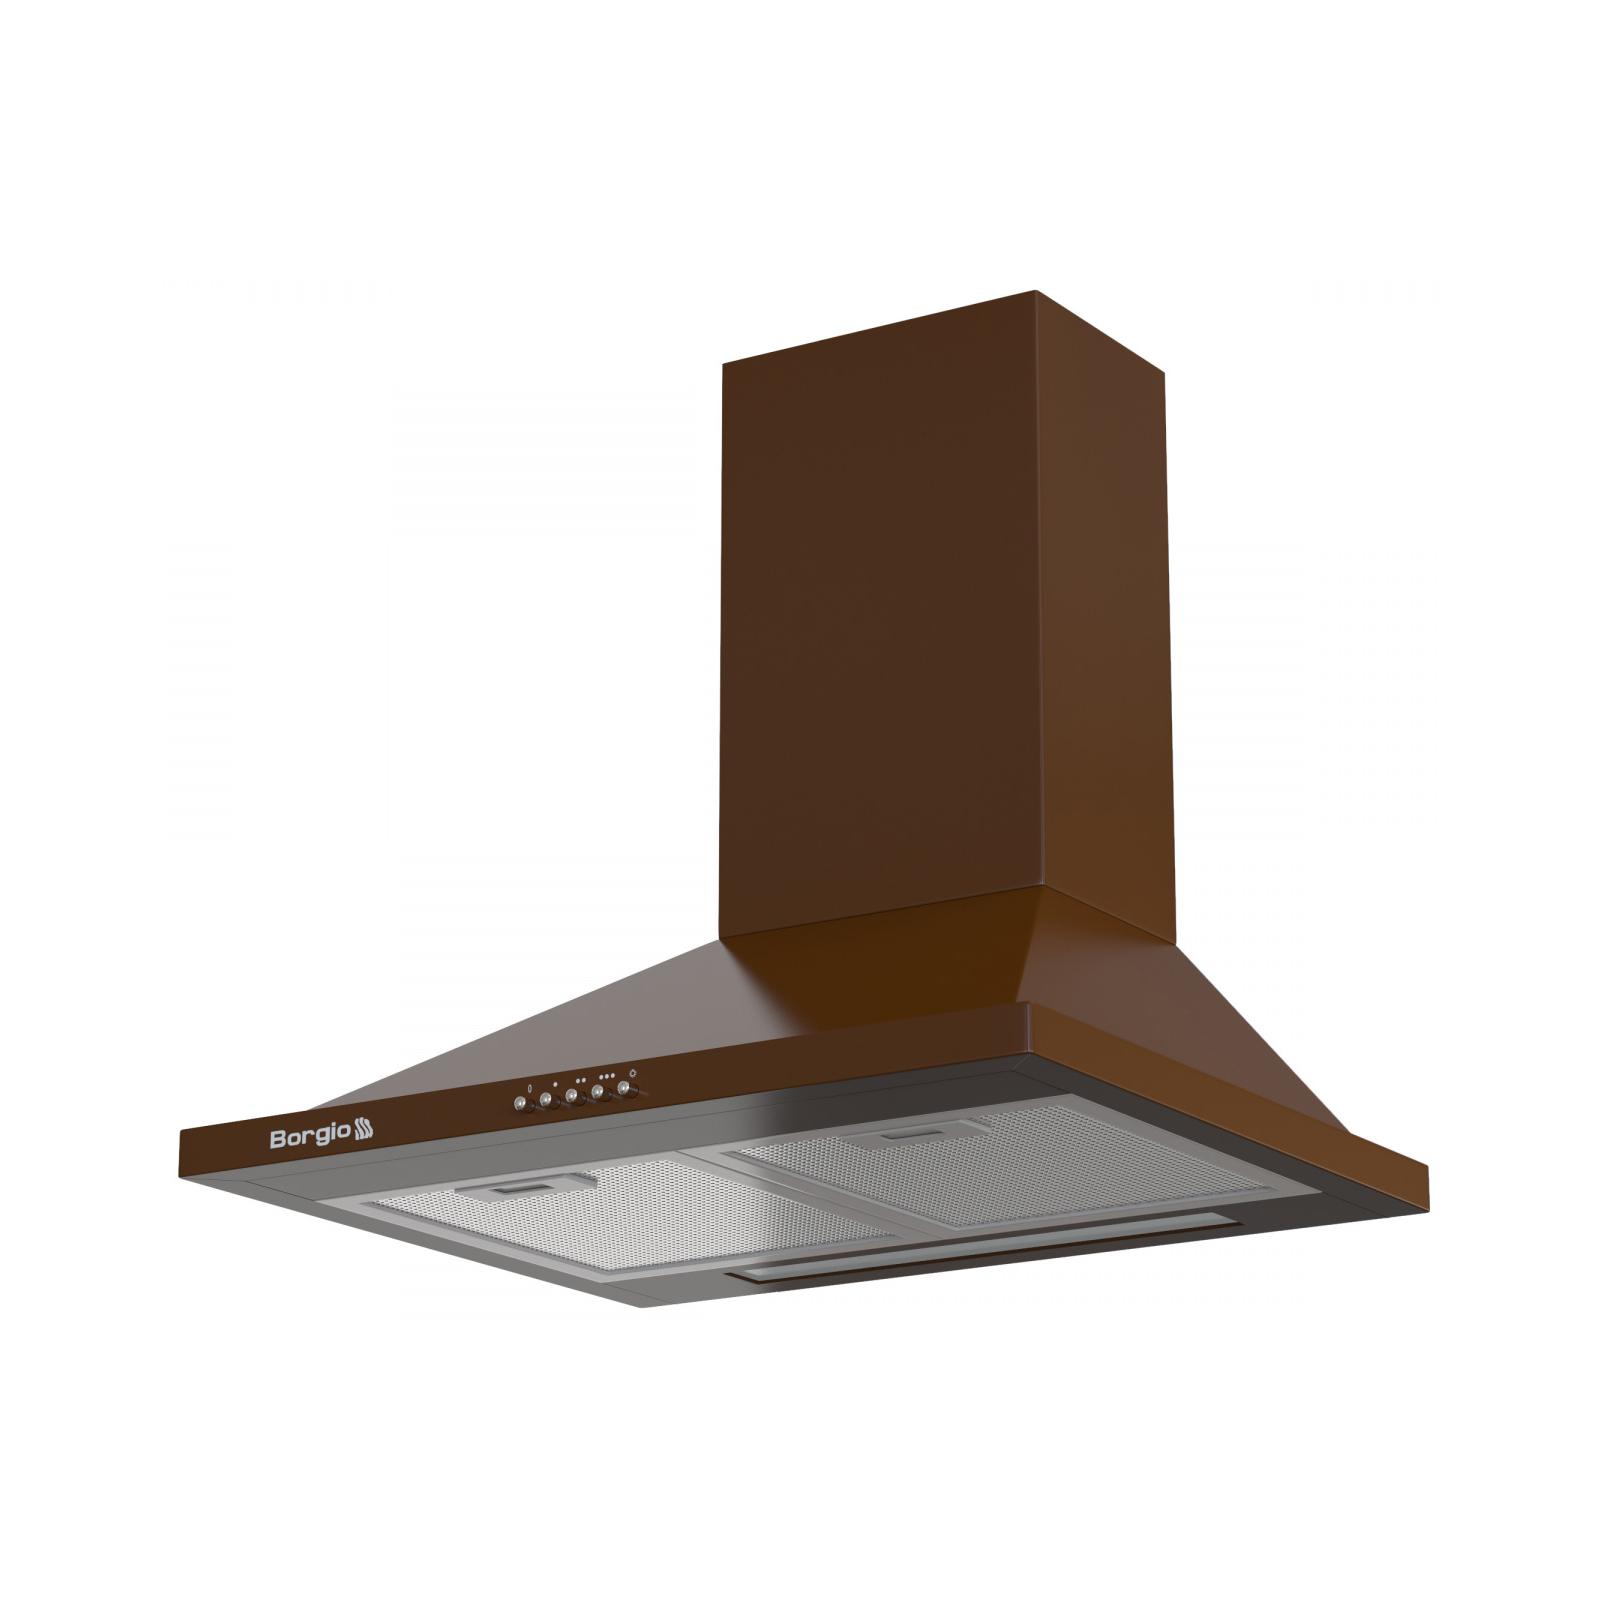 Вытяжка кухонная Borgio BHK 50 inox